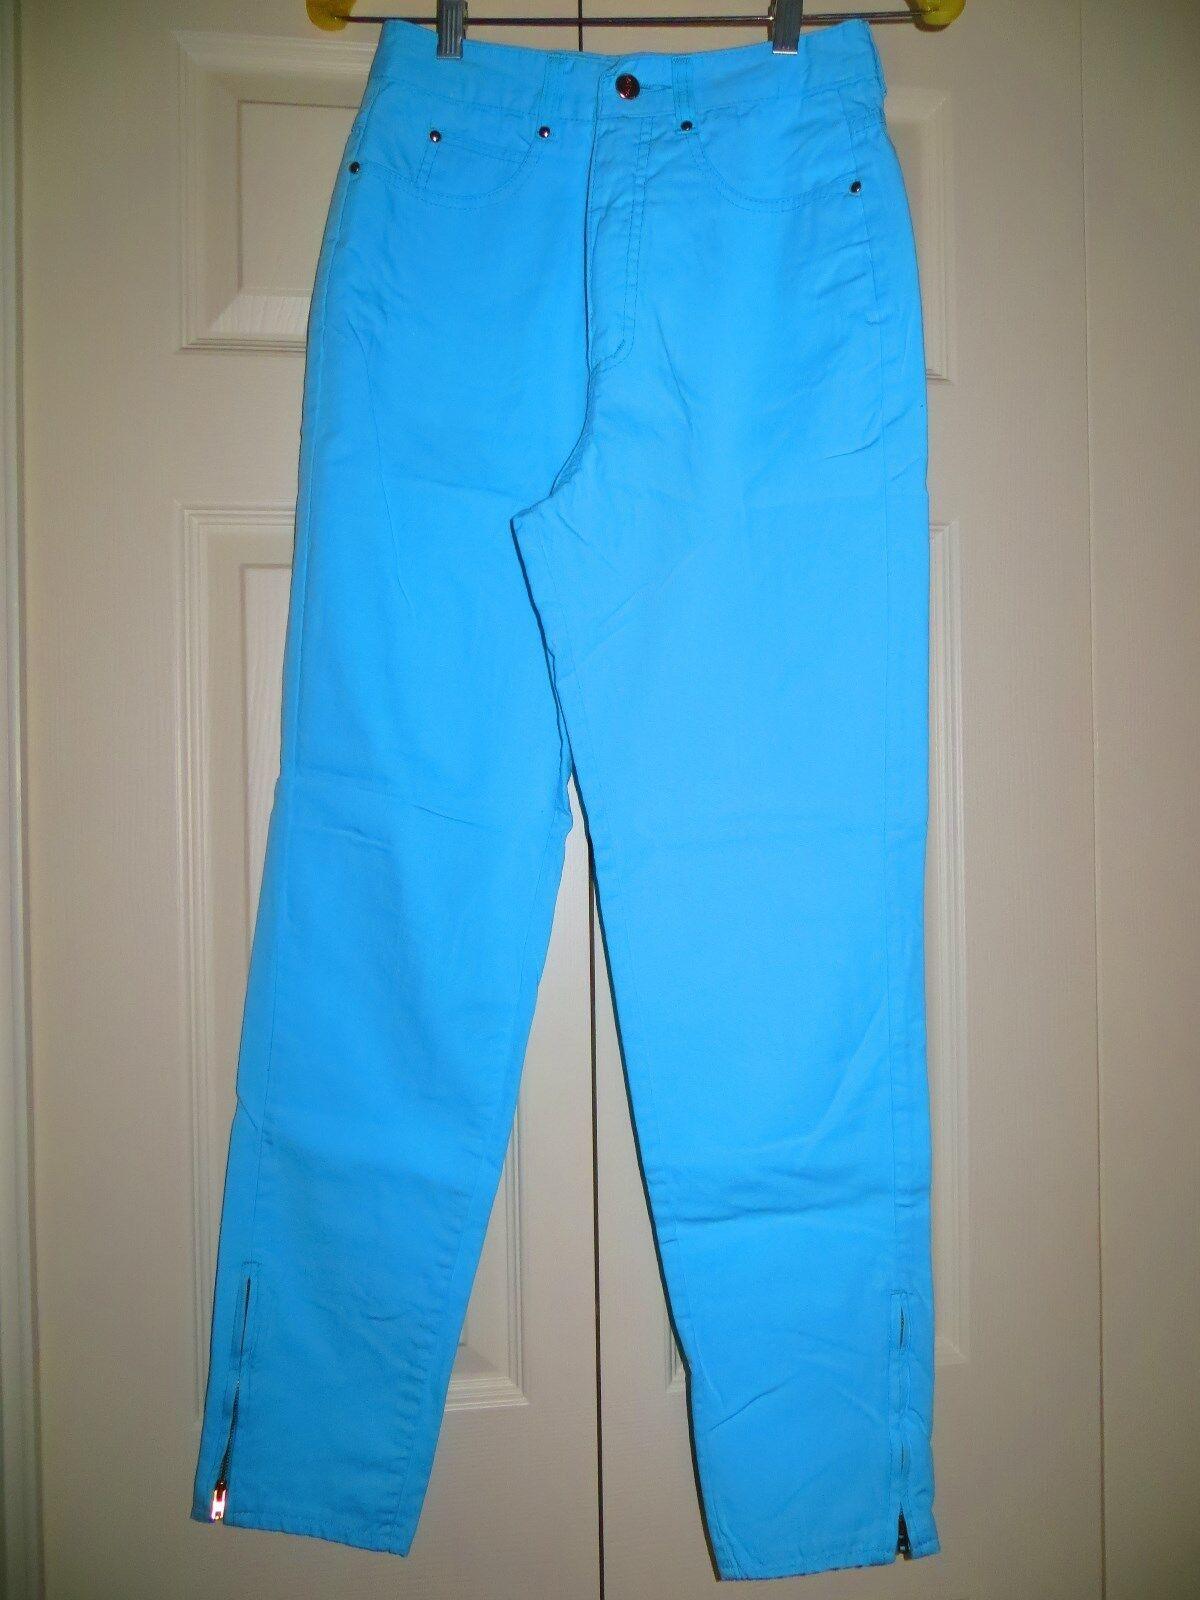 womans skinny jeans pants blue cotton 31/28 Chemi… - image 7